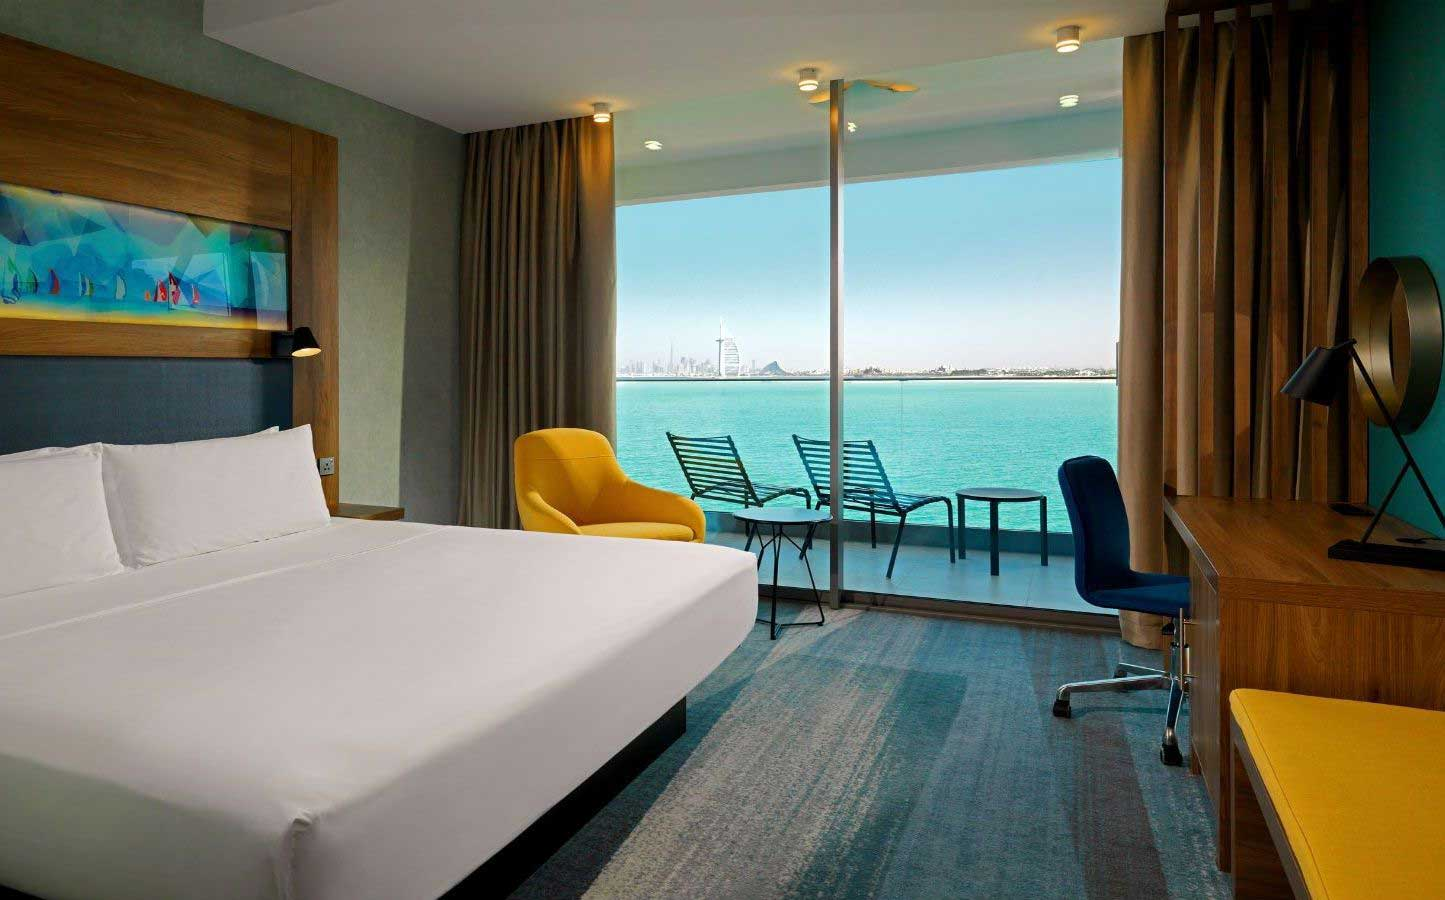 jenis macam hotel terbaik pilihan booking kamar room kelas bintang lima melati fasilitas swimming pool restaurant dekat tempat wisata bandara reservasi pemesanan